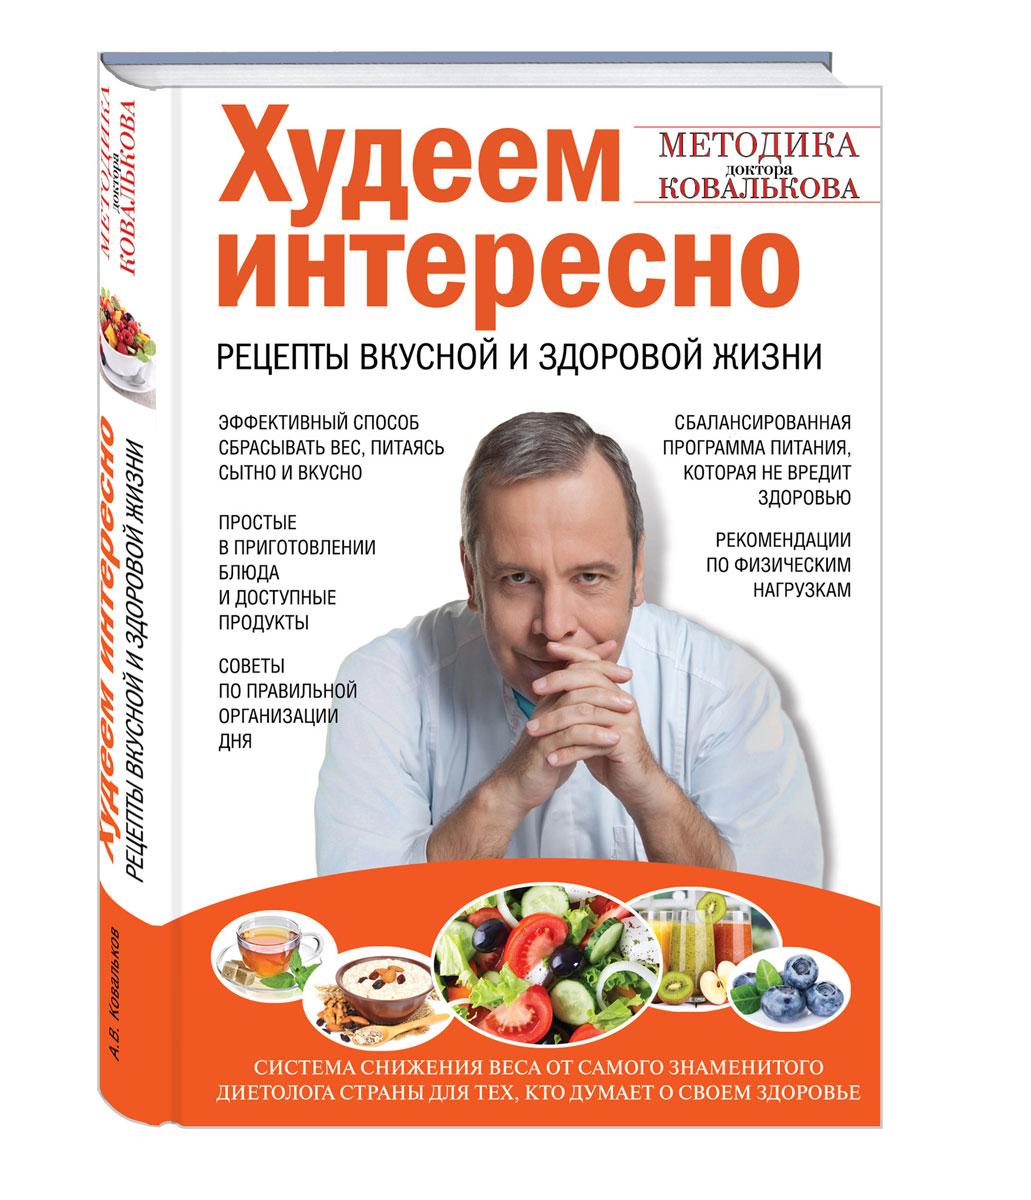 Известные рецепты похудения